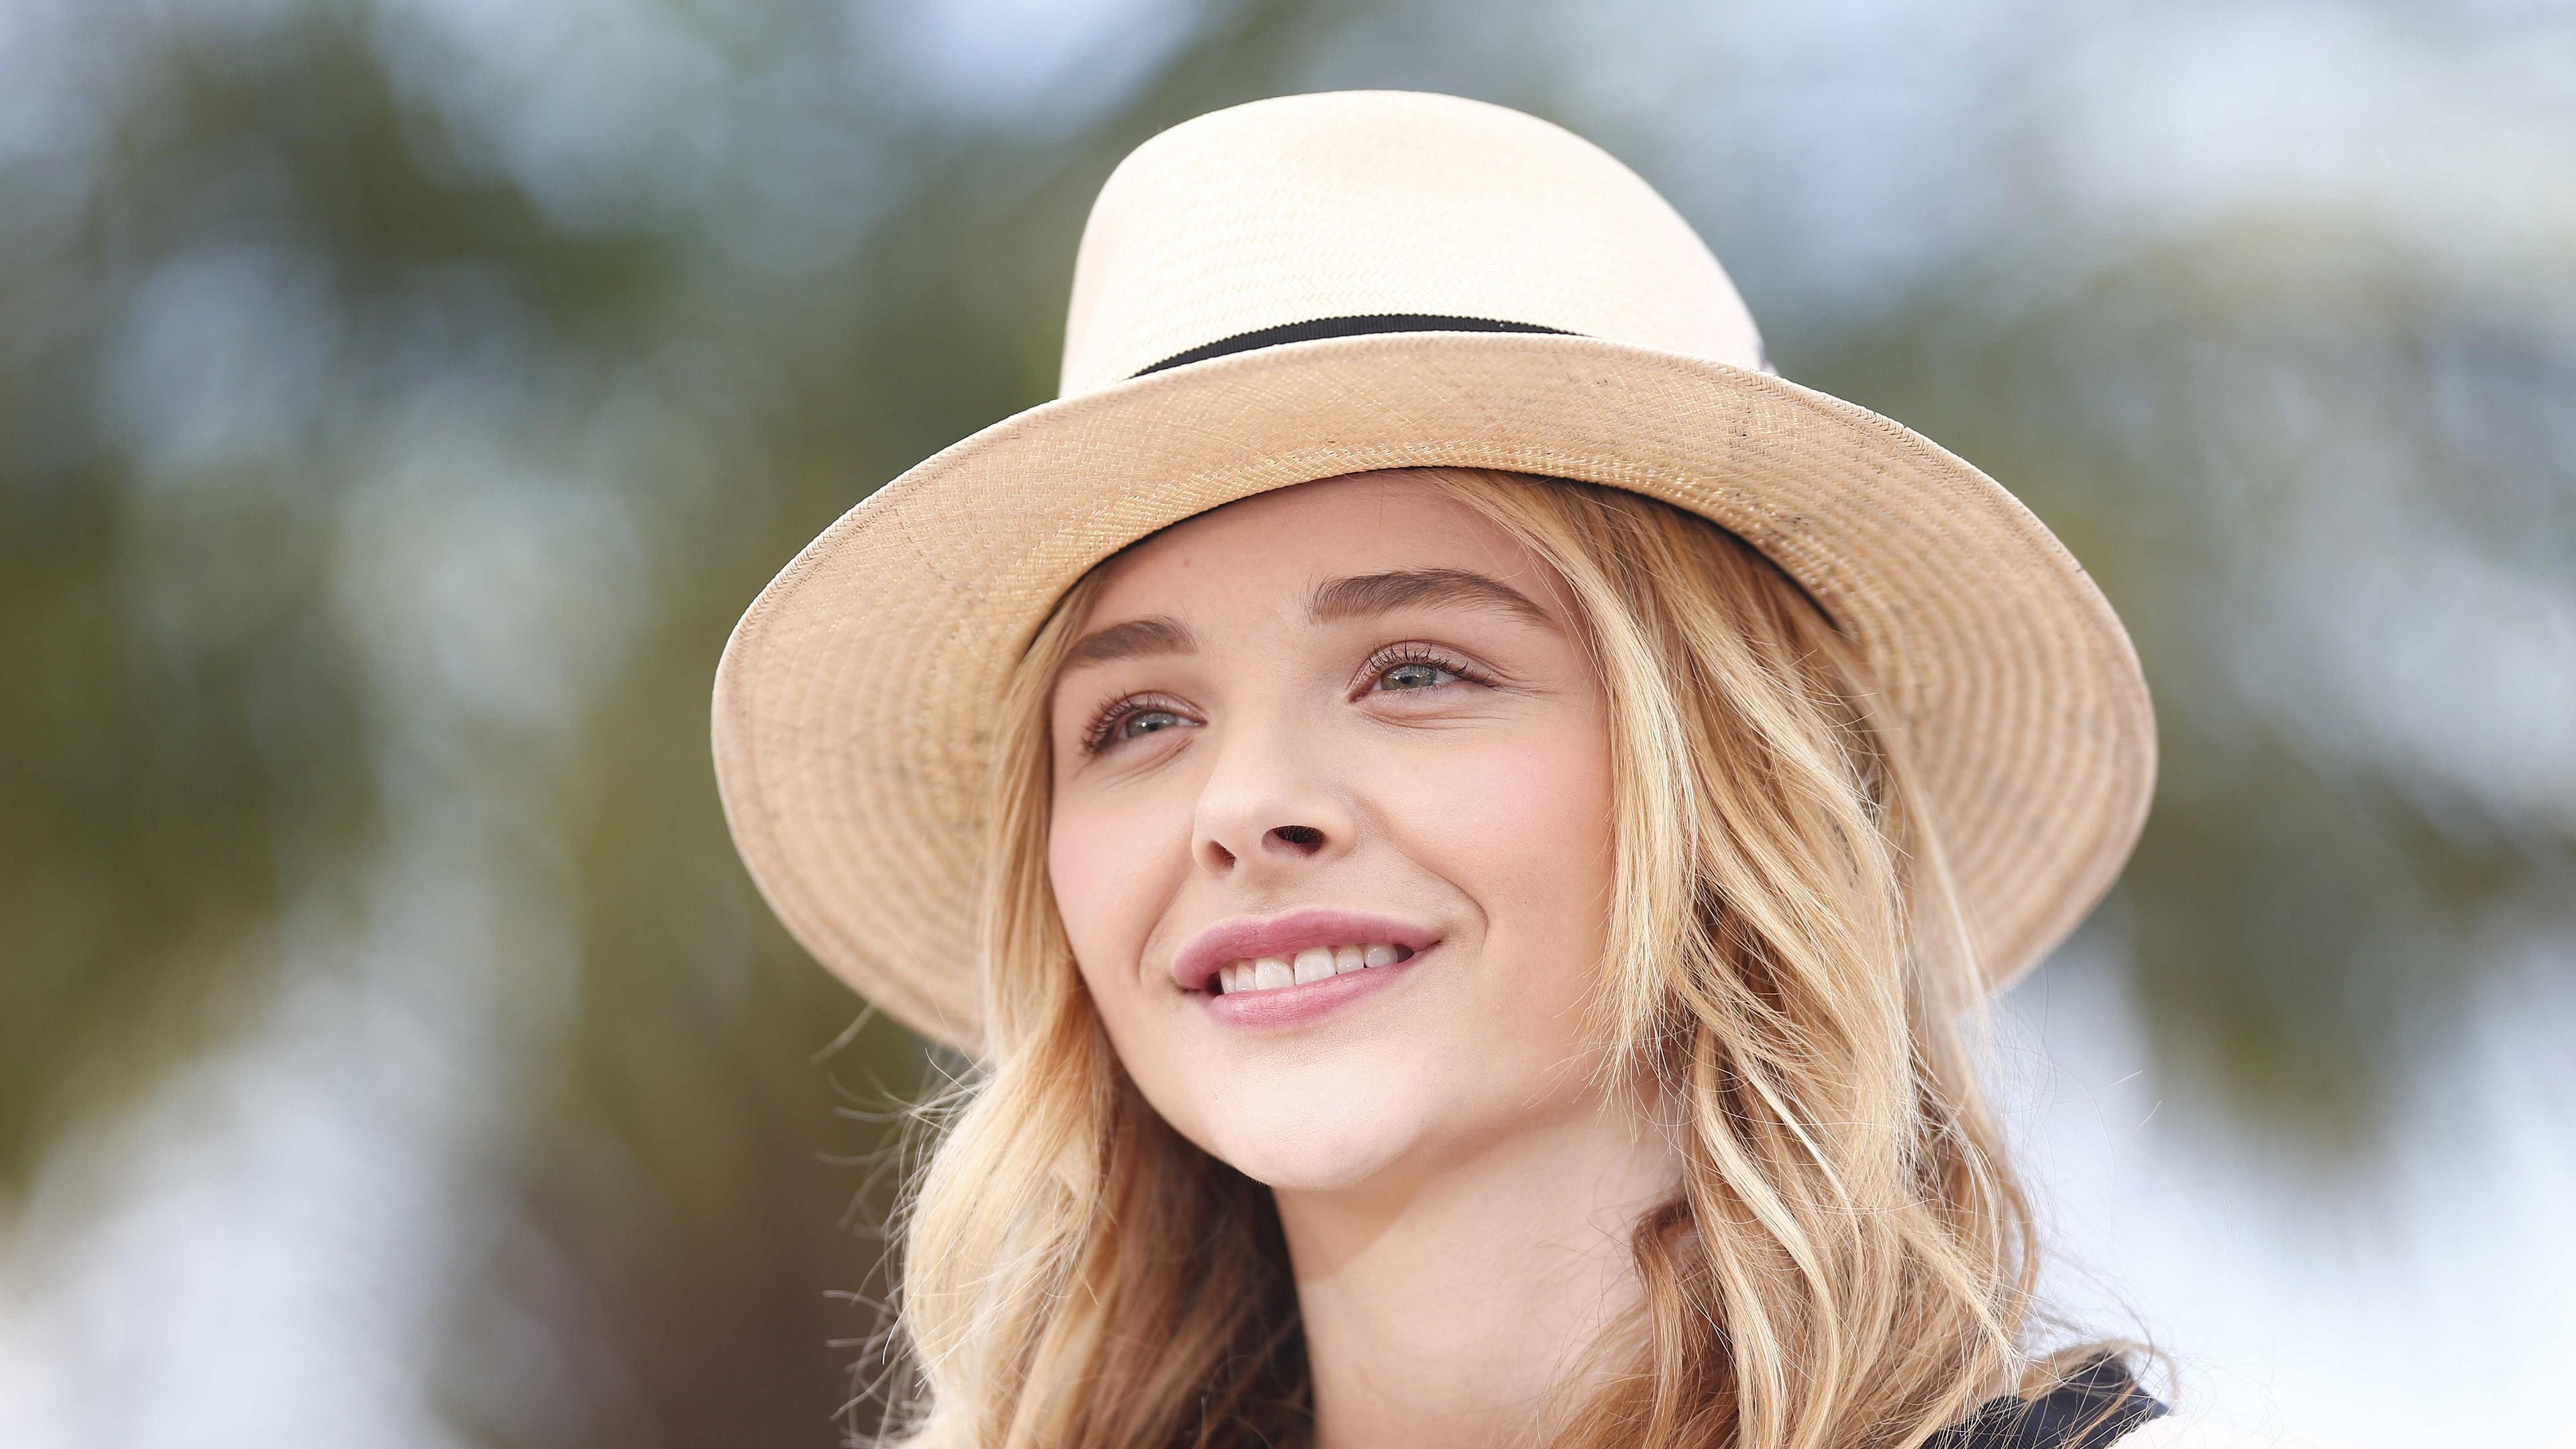 Wallpaper Chloe Moretz Actress Most Popular Celebs In